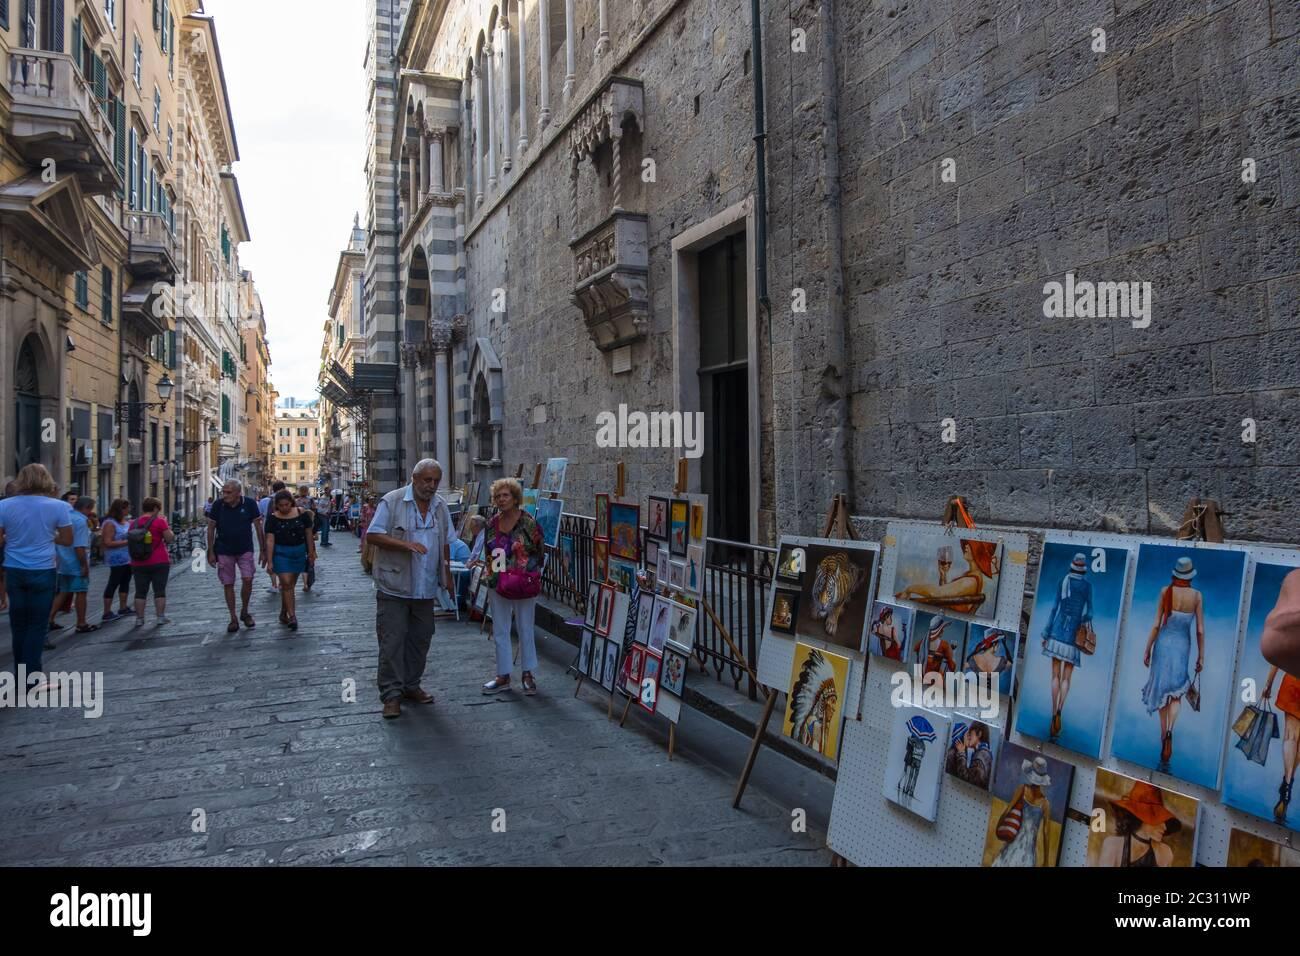 Gênes, Italie - 18 août 2019 : artistes de rue vendant des peintures aux touristes près de la cathédrale de San Lorenzo dans le vieux centre-ville de Gênes, Ligurie Banque D'Images